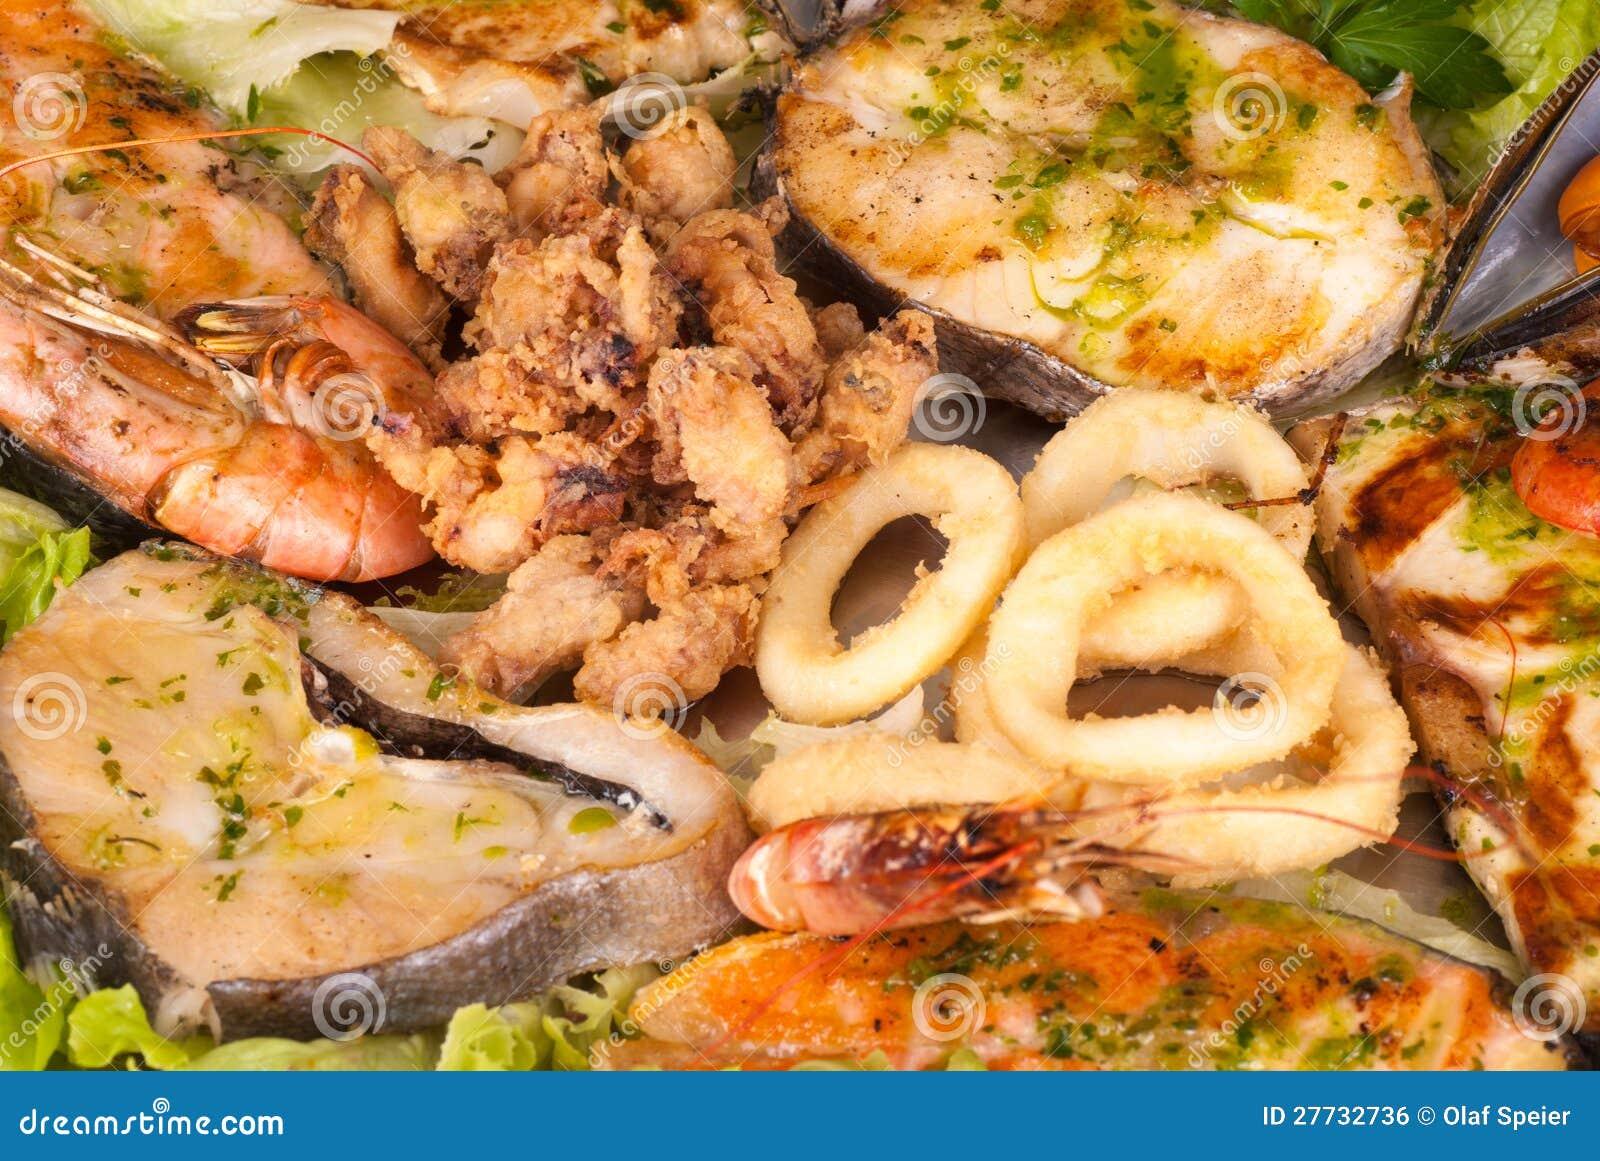 Sortierte Meeresfrüchte